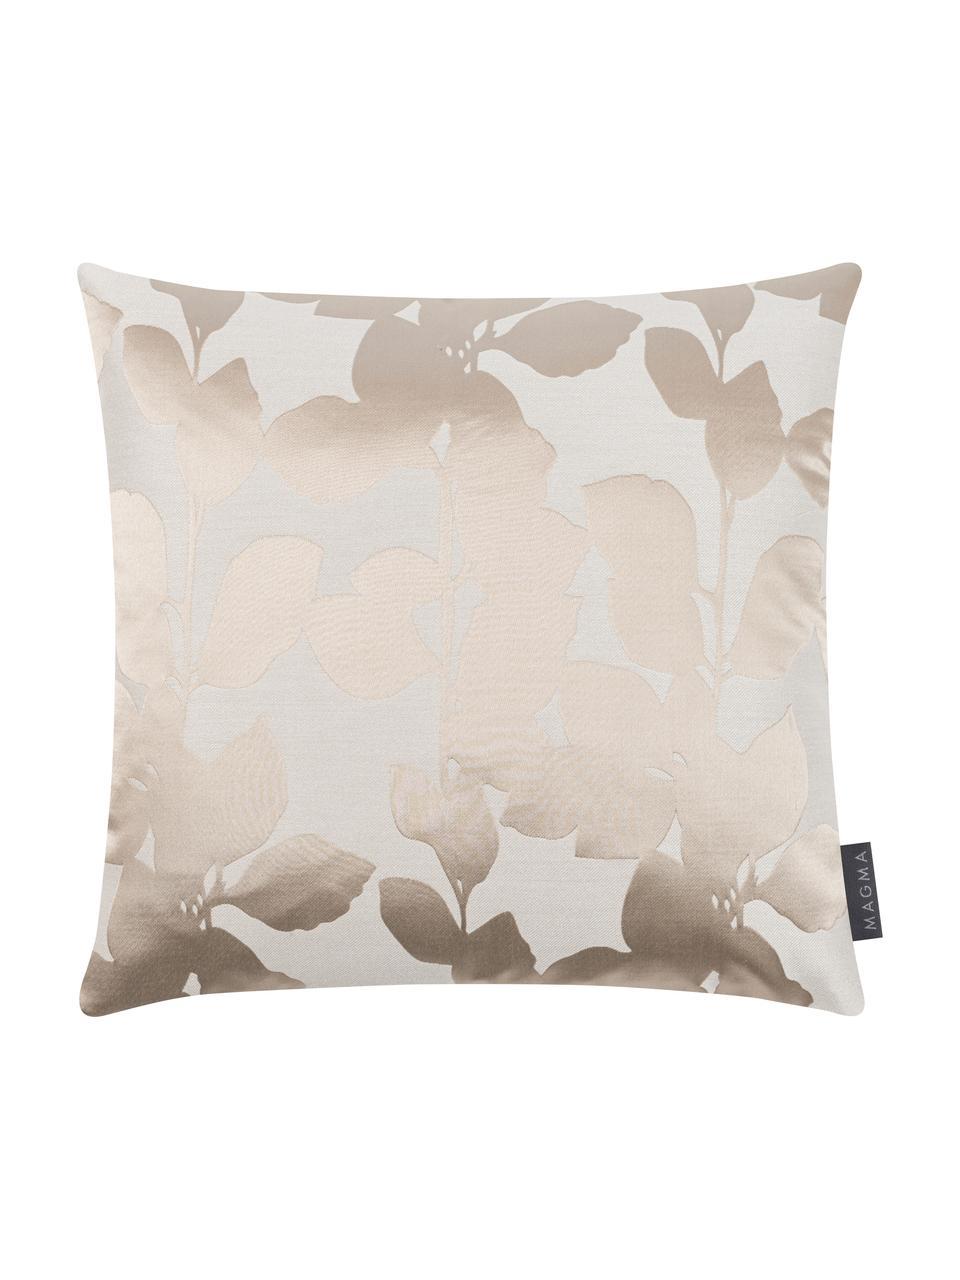 Kissenhülle Ariela in Beige mit glänzenden Blättermotiven, Vorderseite: 35% Polyester, 34% Viskos, Rückseite: 100% Polyester, Beige, 40 x 40 cm